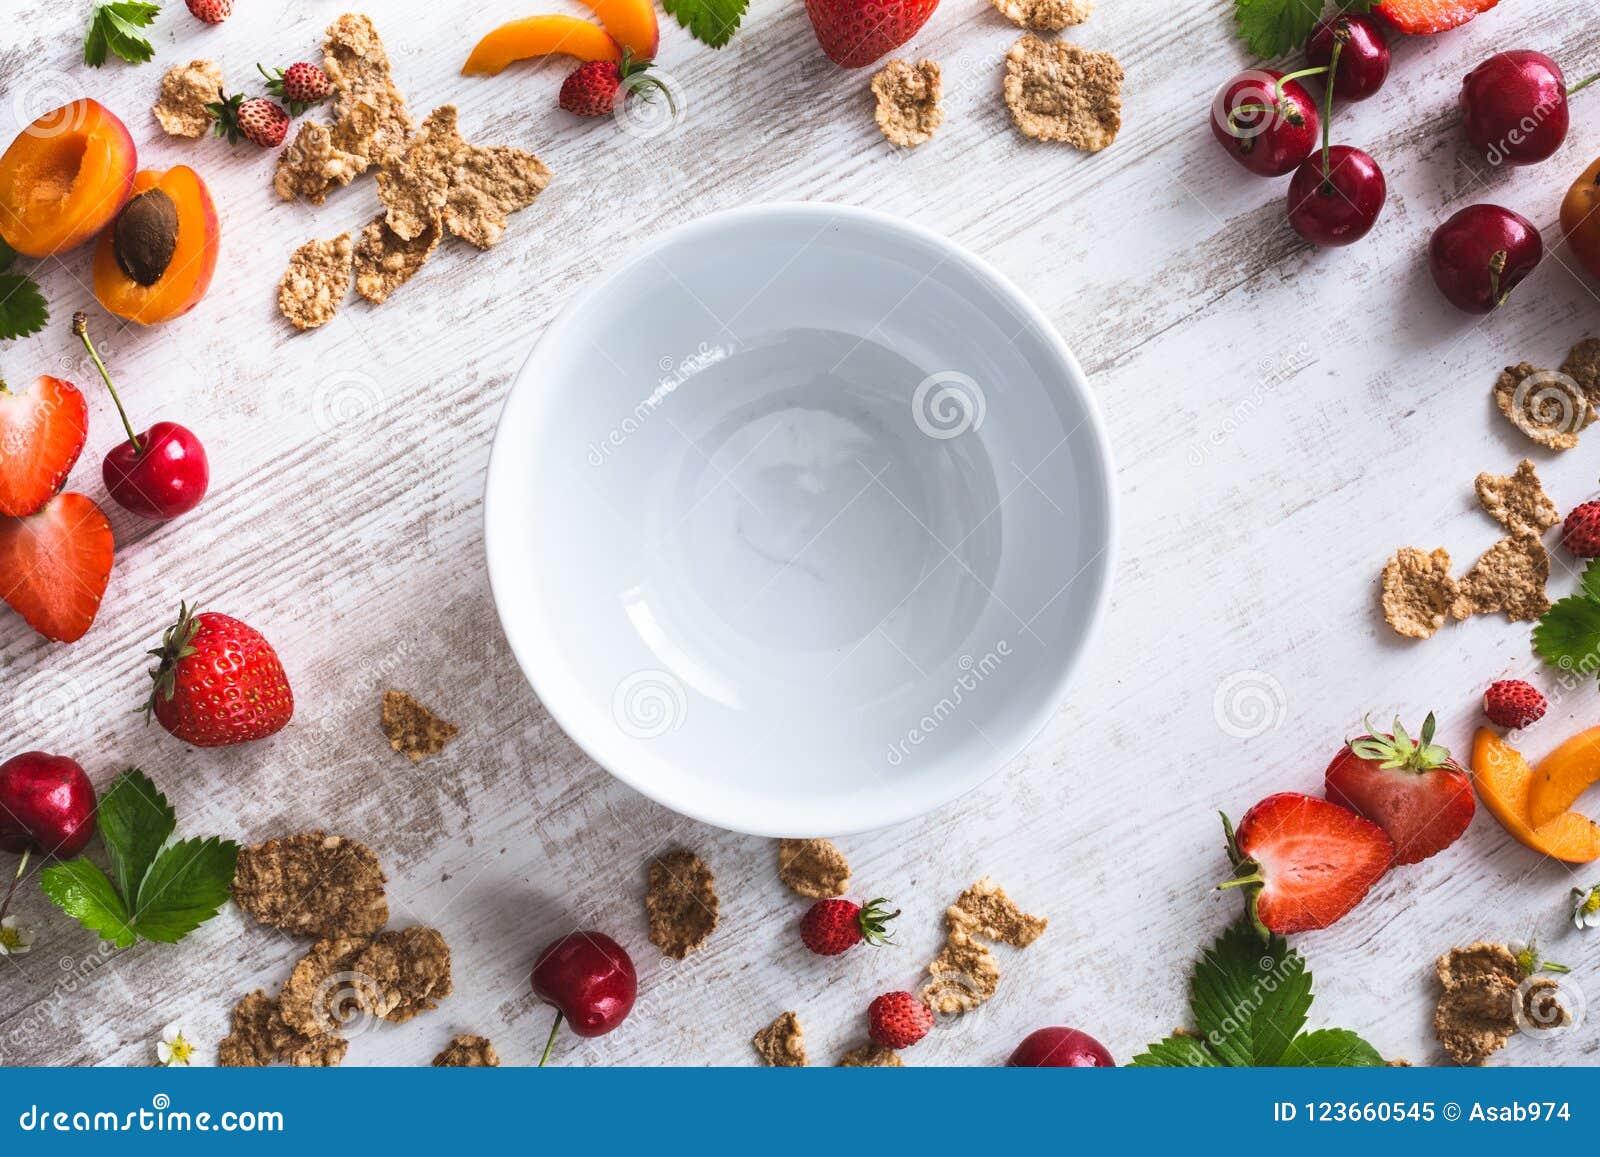 Lege Ontbijtkom met Graangewas, Kersen, Abrikoos, Aardbeien